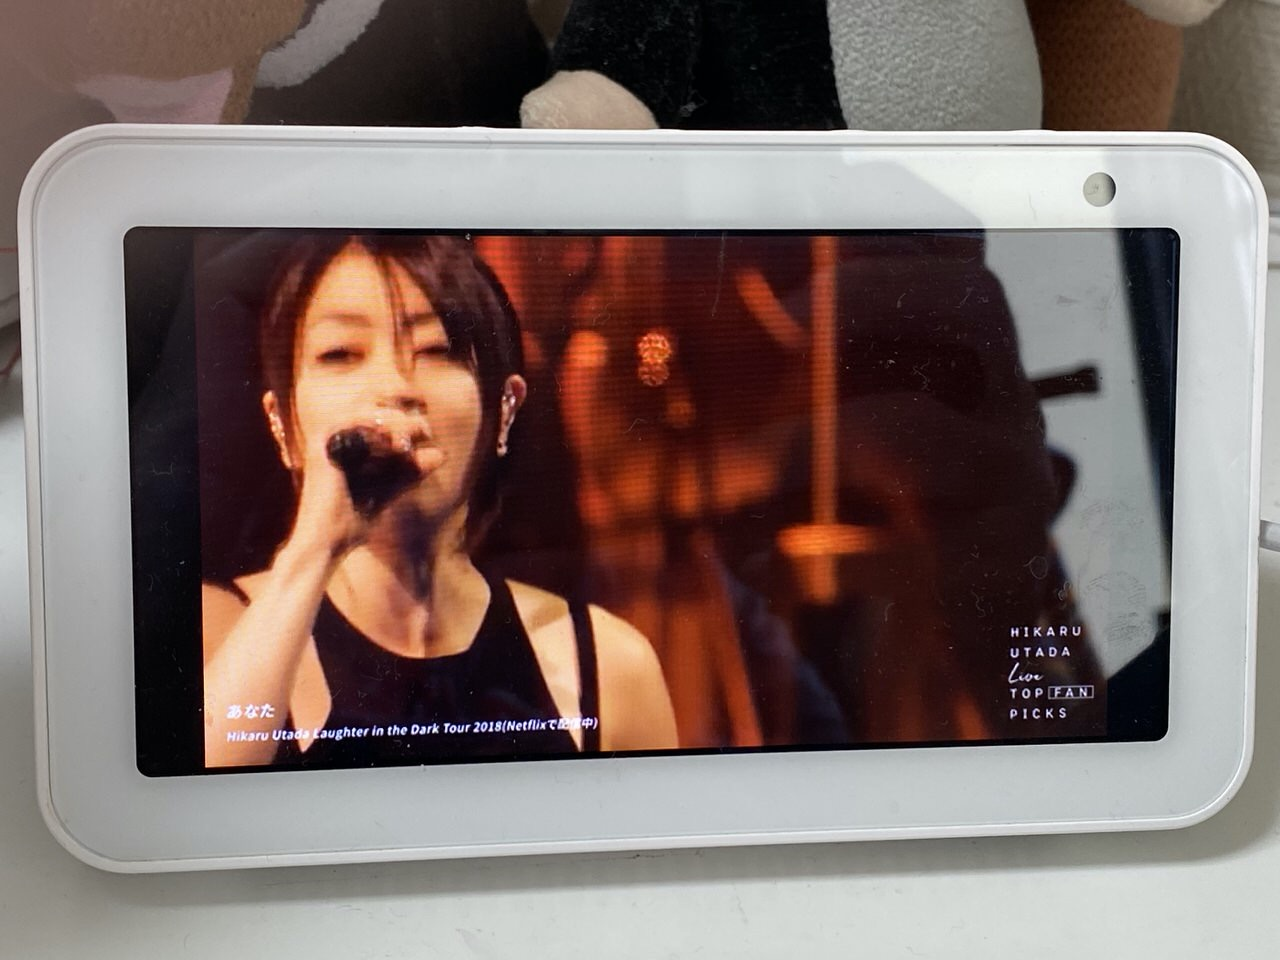 宇多田ヒカルの過去ライブ映像からファンが選んだ人気曲をまとめたYouTube特別番組「HIKARU UTADA Live TOP FAN PICKS」Echo Show 5で見るのに良い